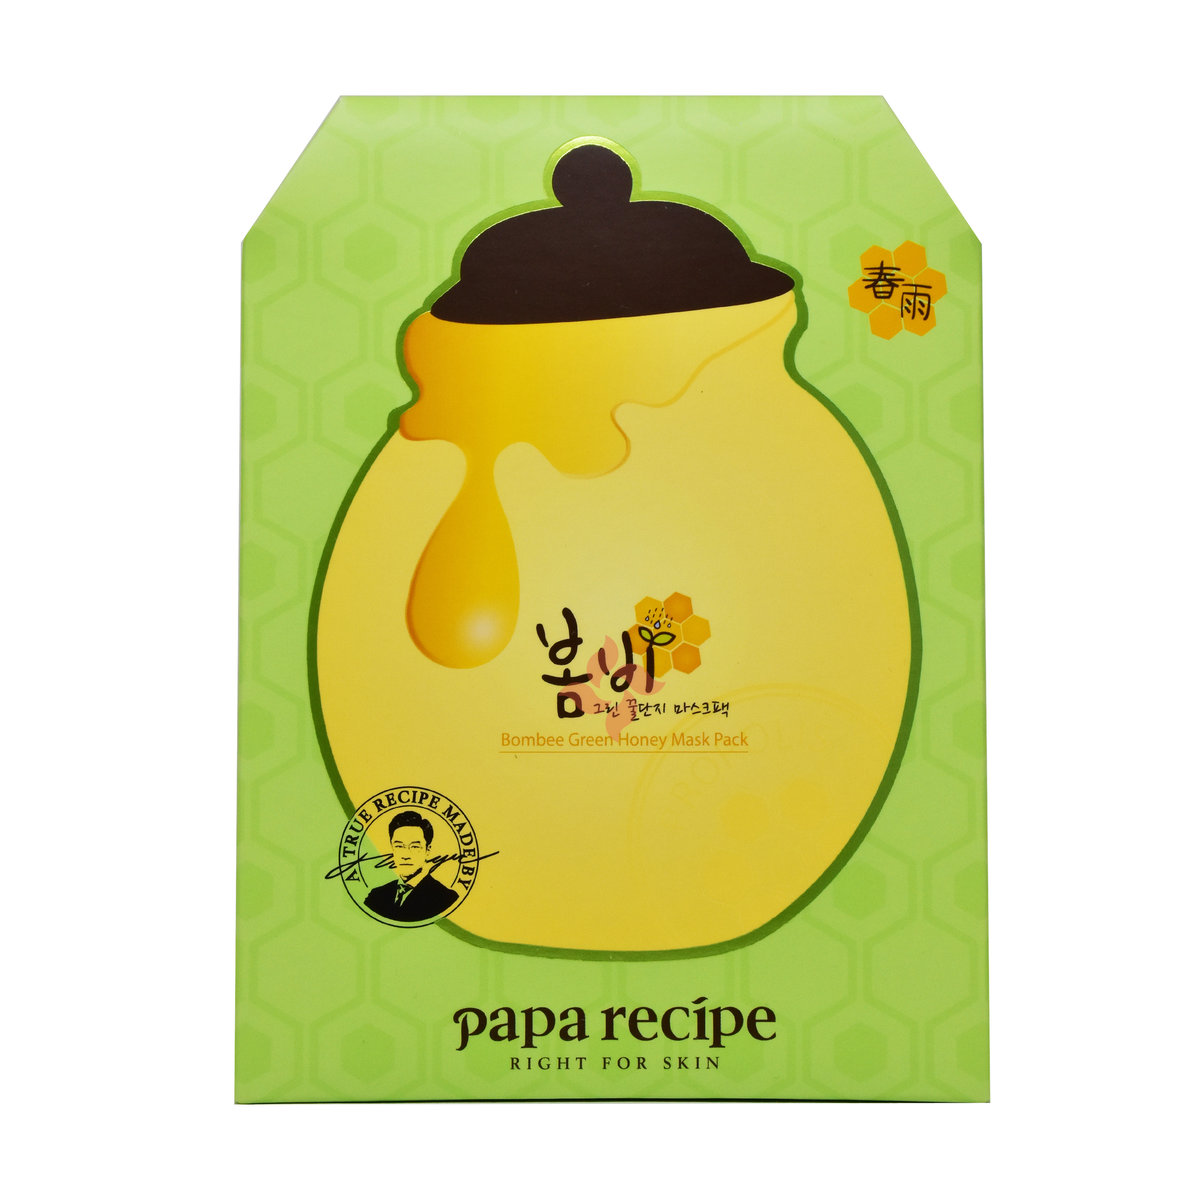 Bombee Green Avocado Honey Mask (5pcs/box) Green (8809378324280)